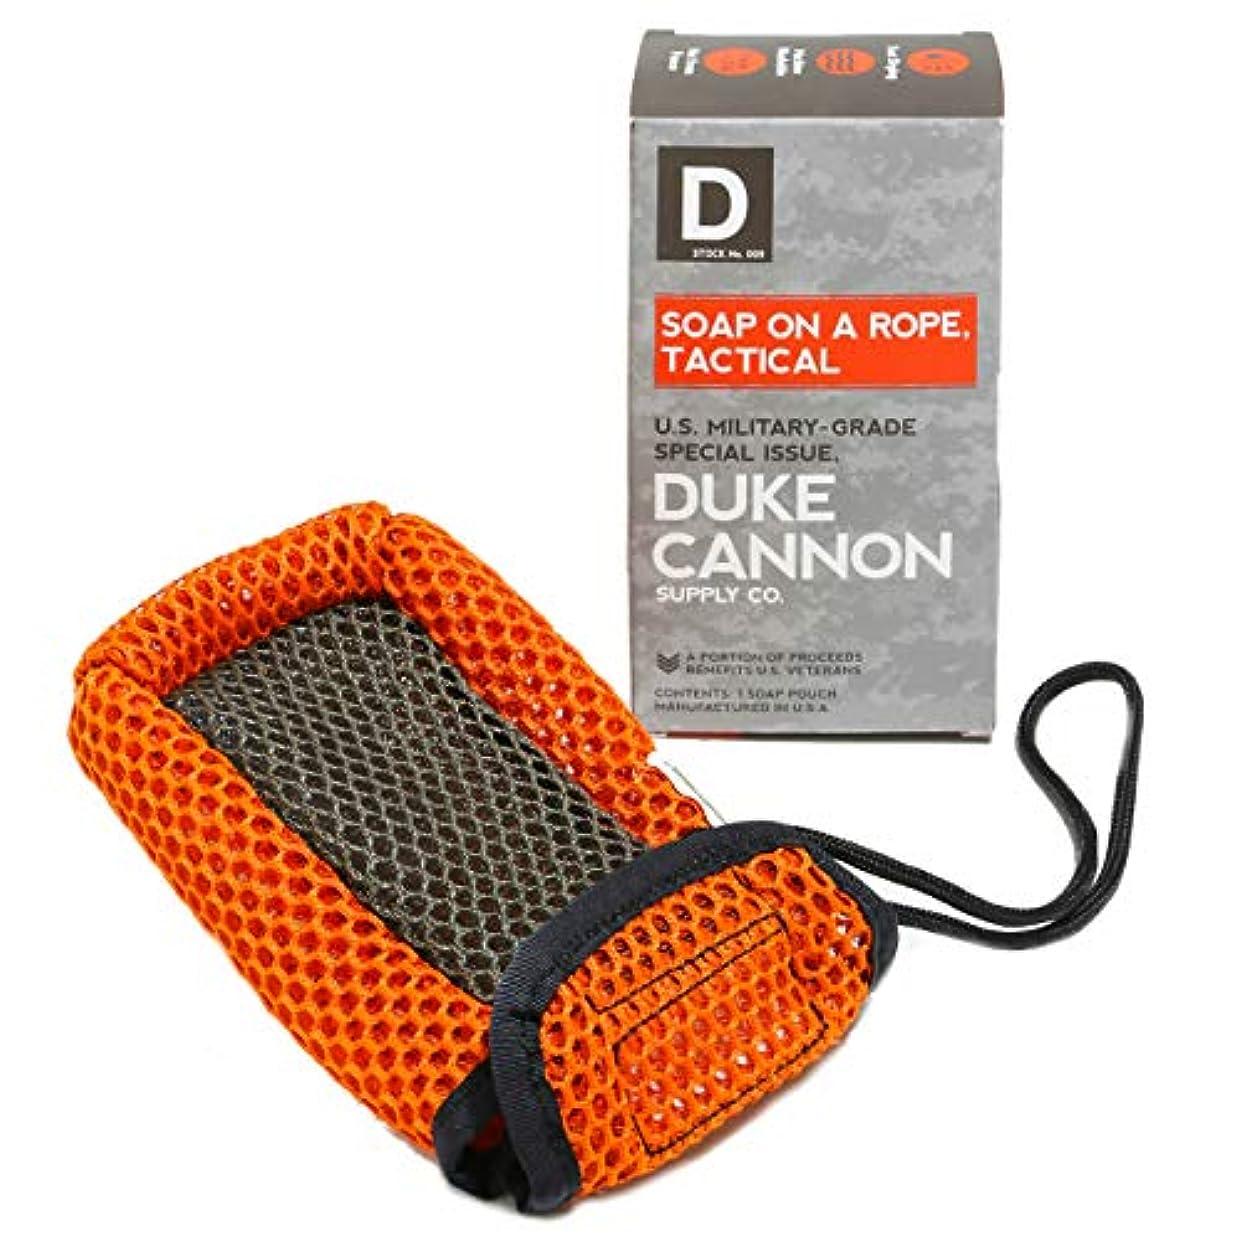 バレーボール腹壊滅的なDuke Cannon ロープのポーチには戦術的なソープ